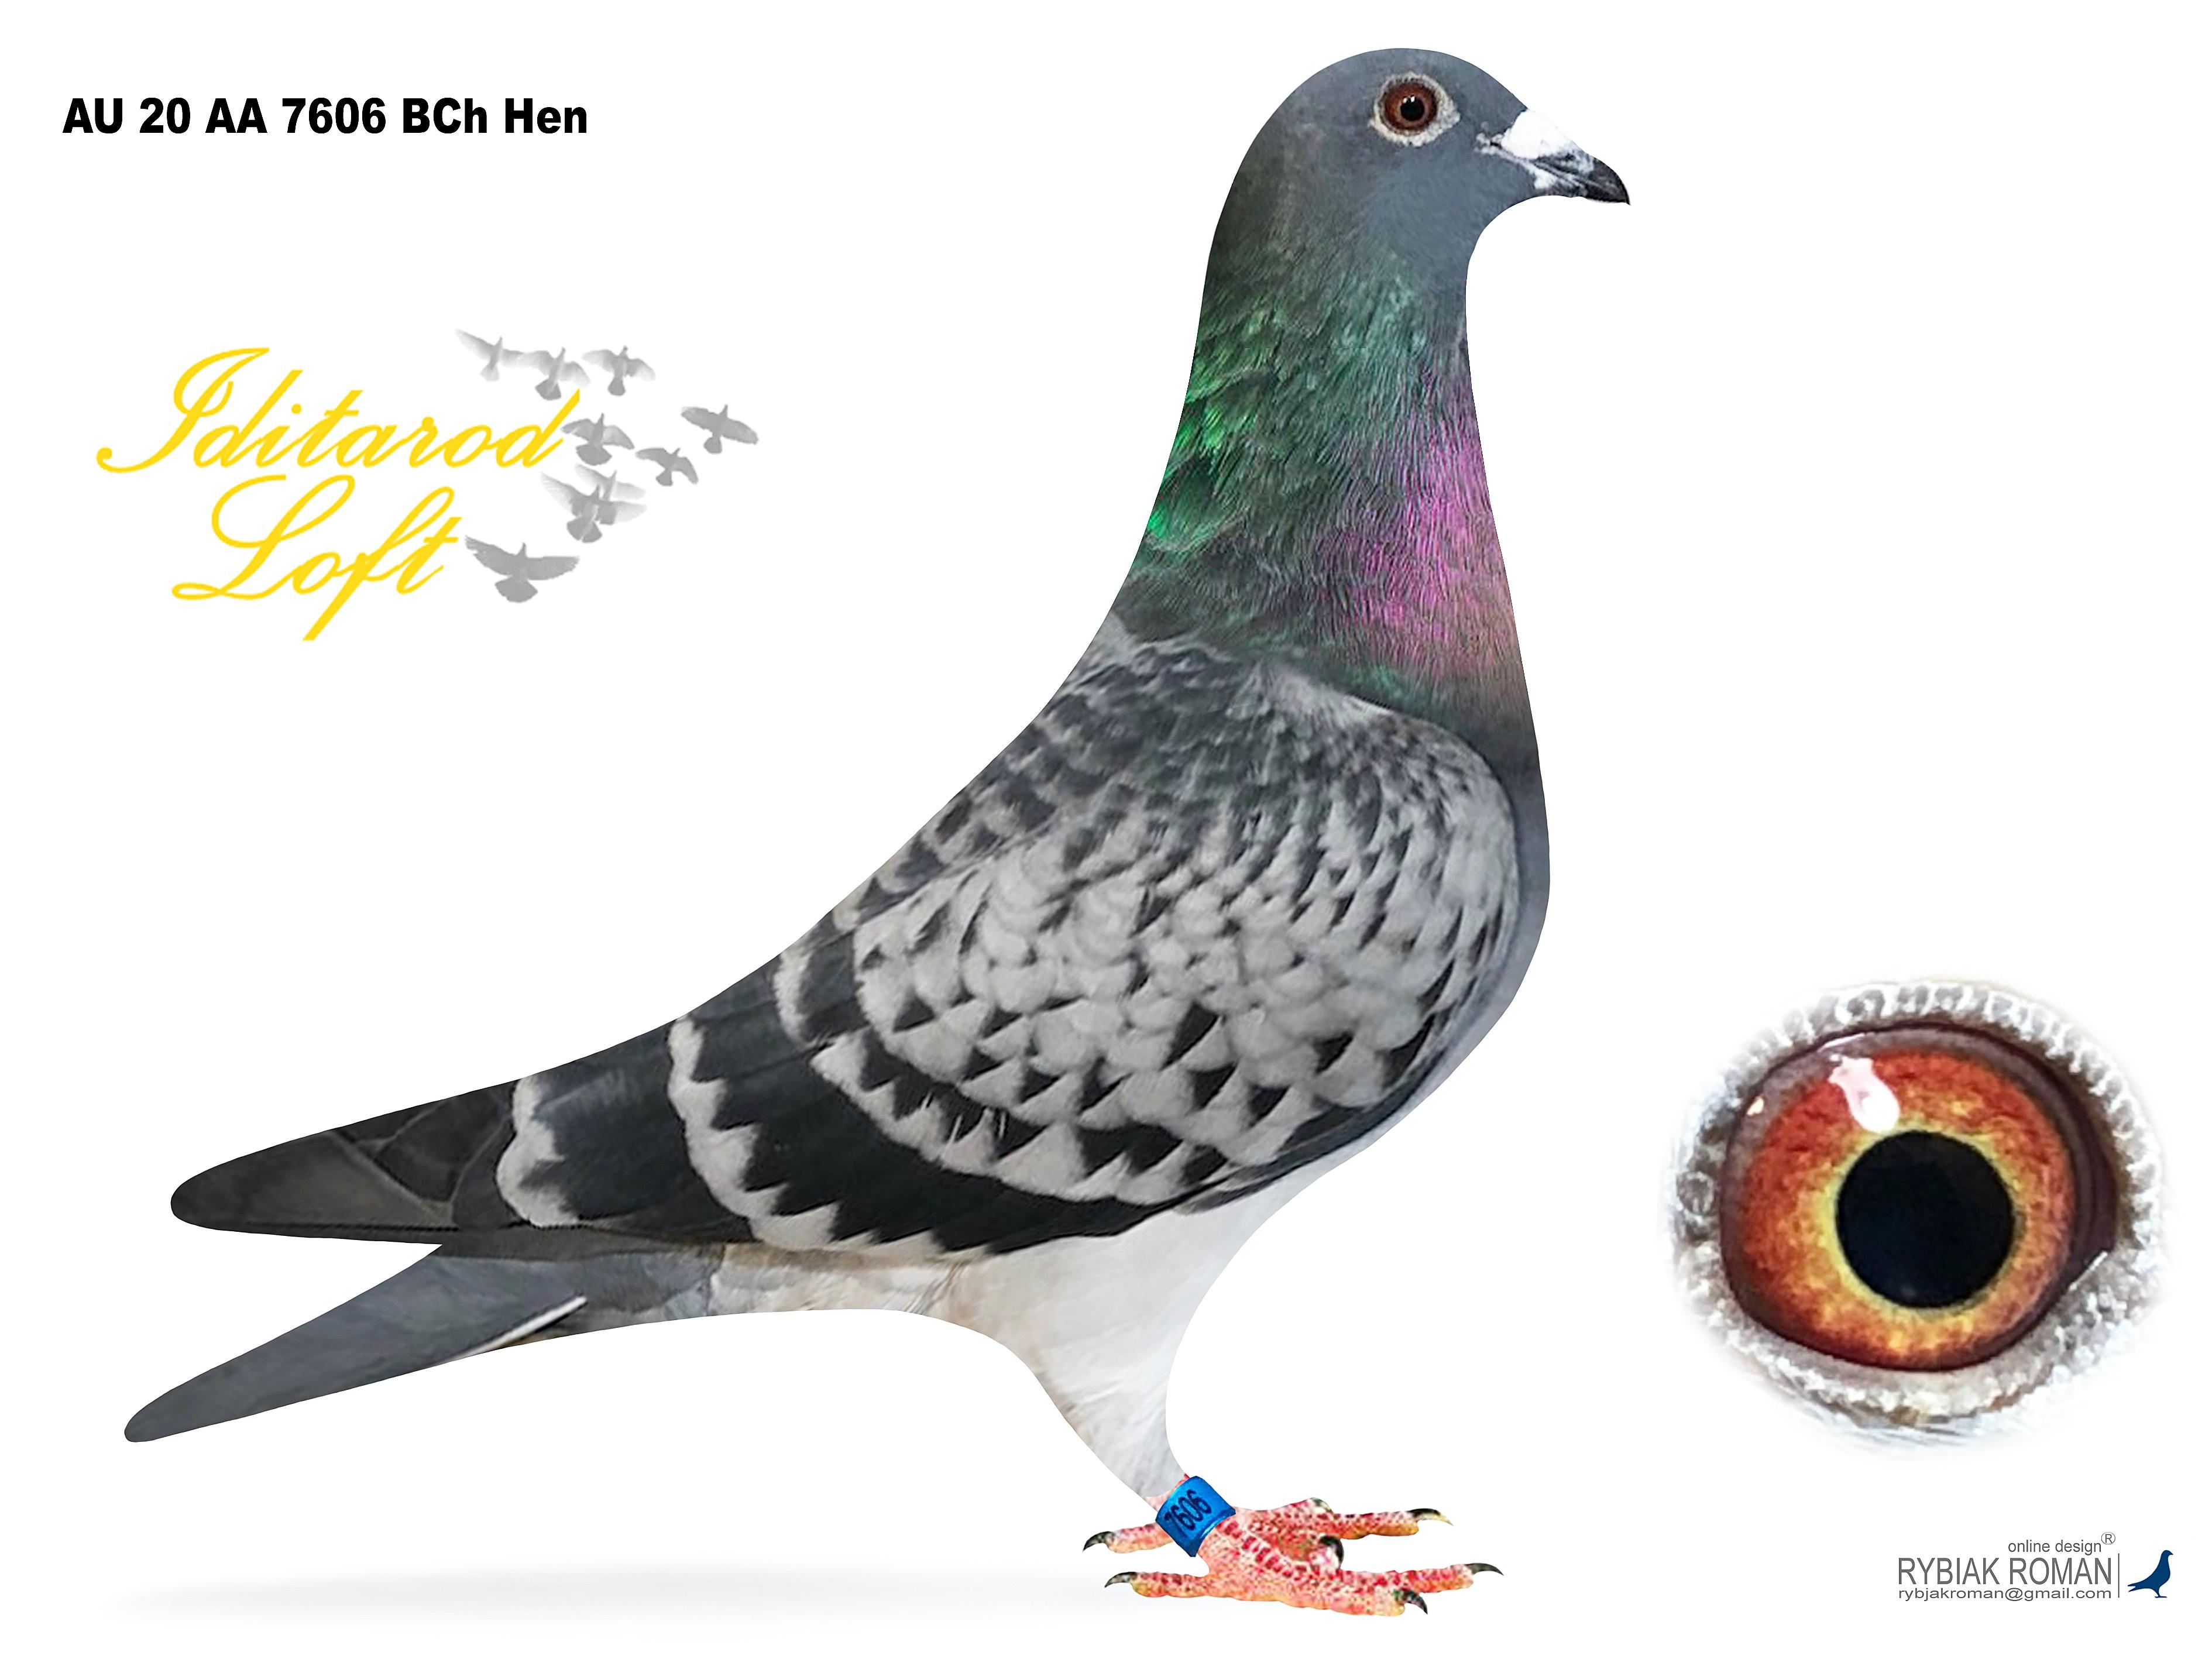 AU 20 AA 7606 BCh Hen